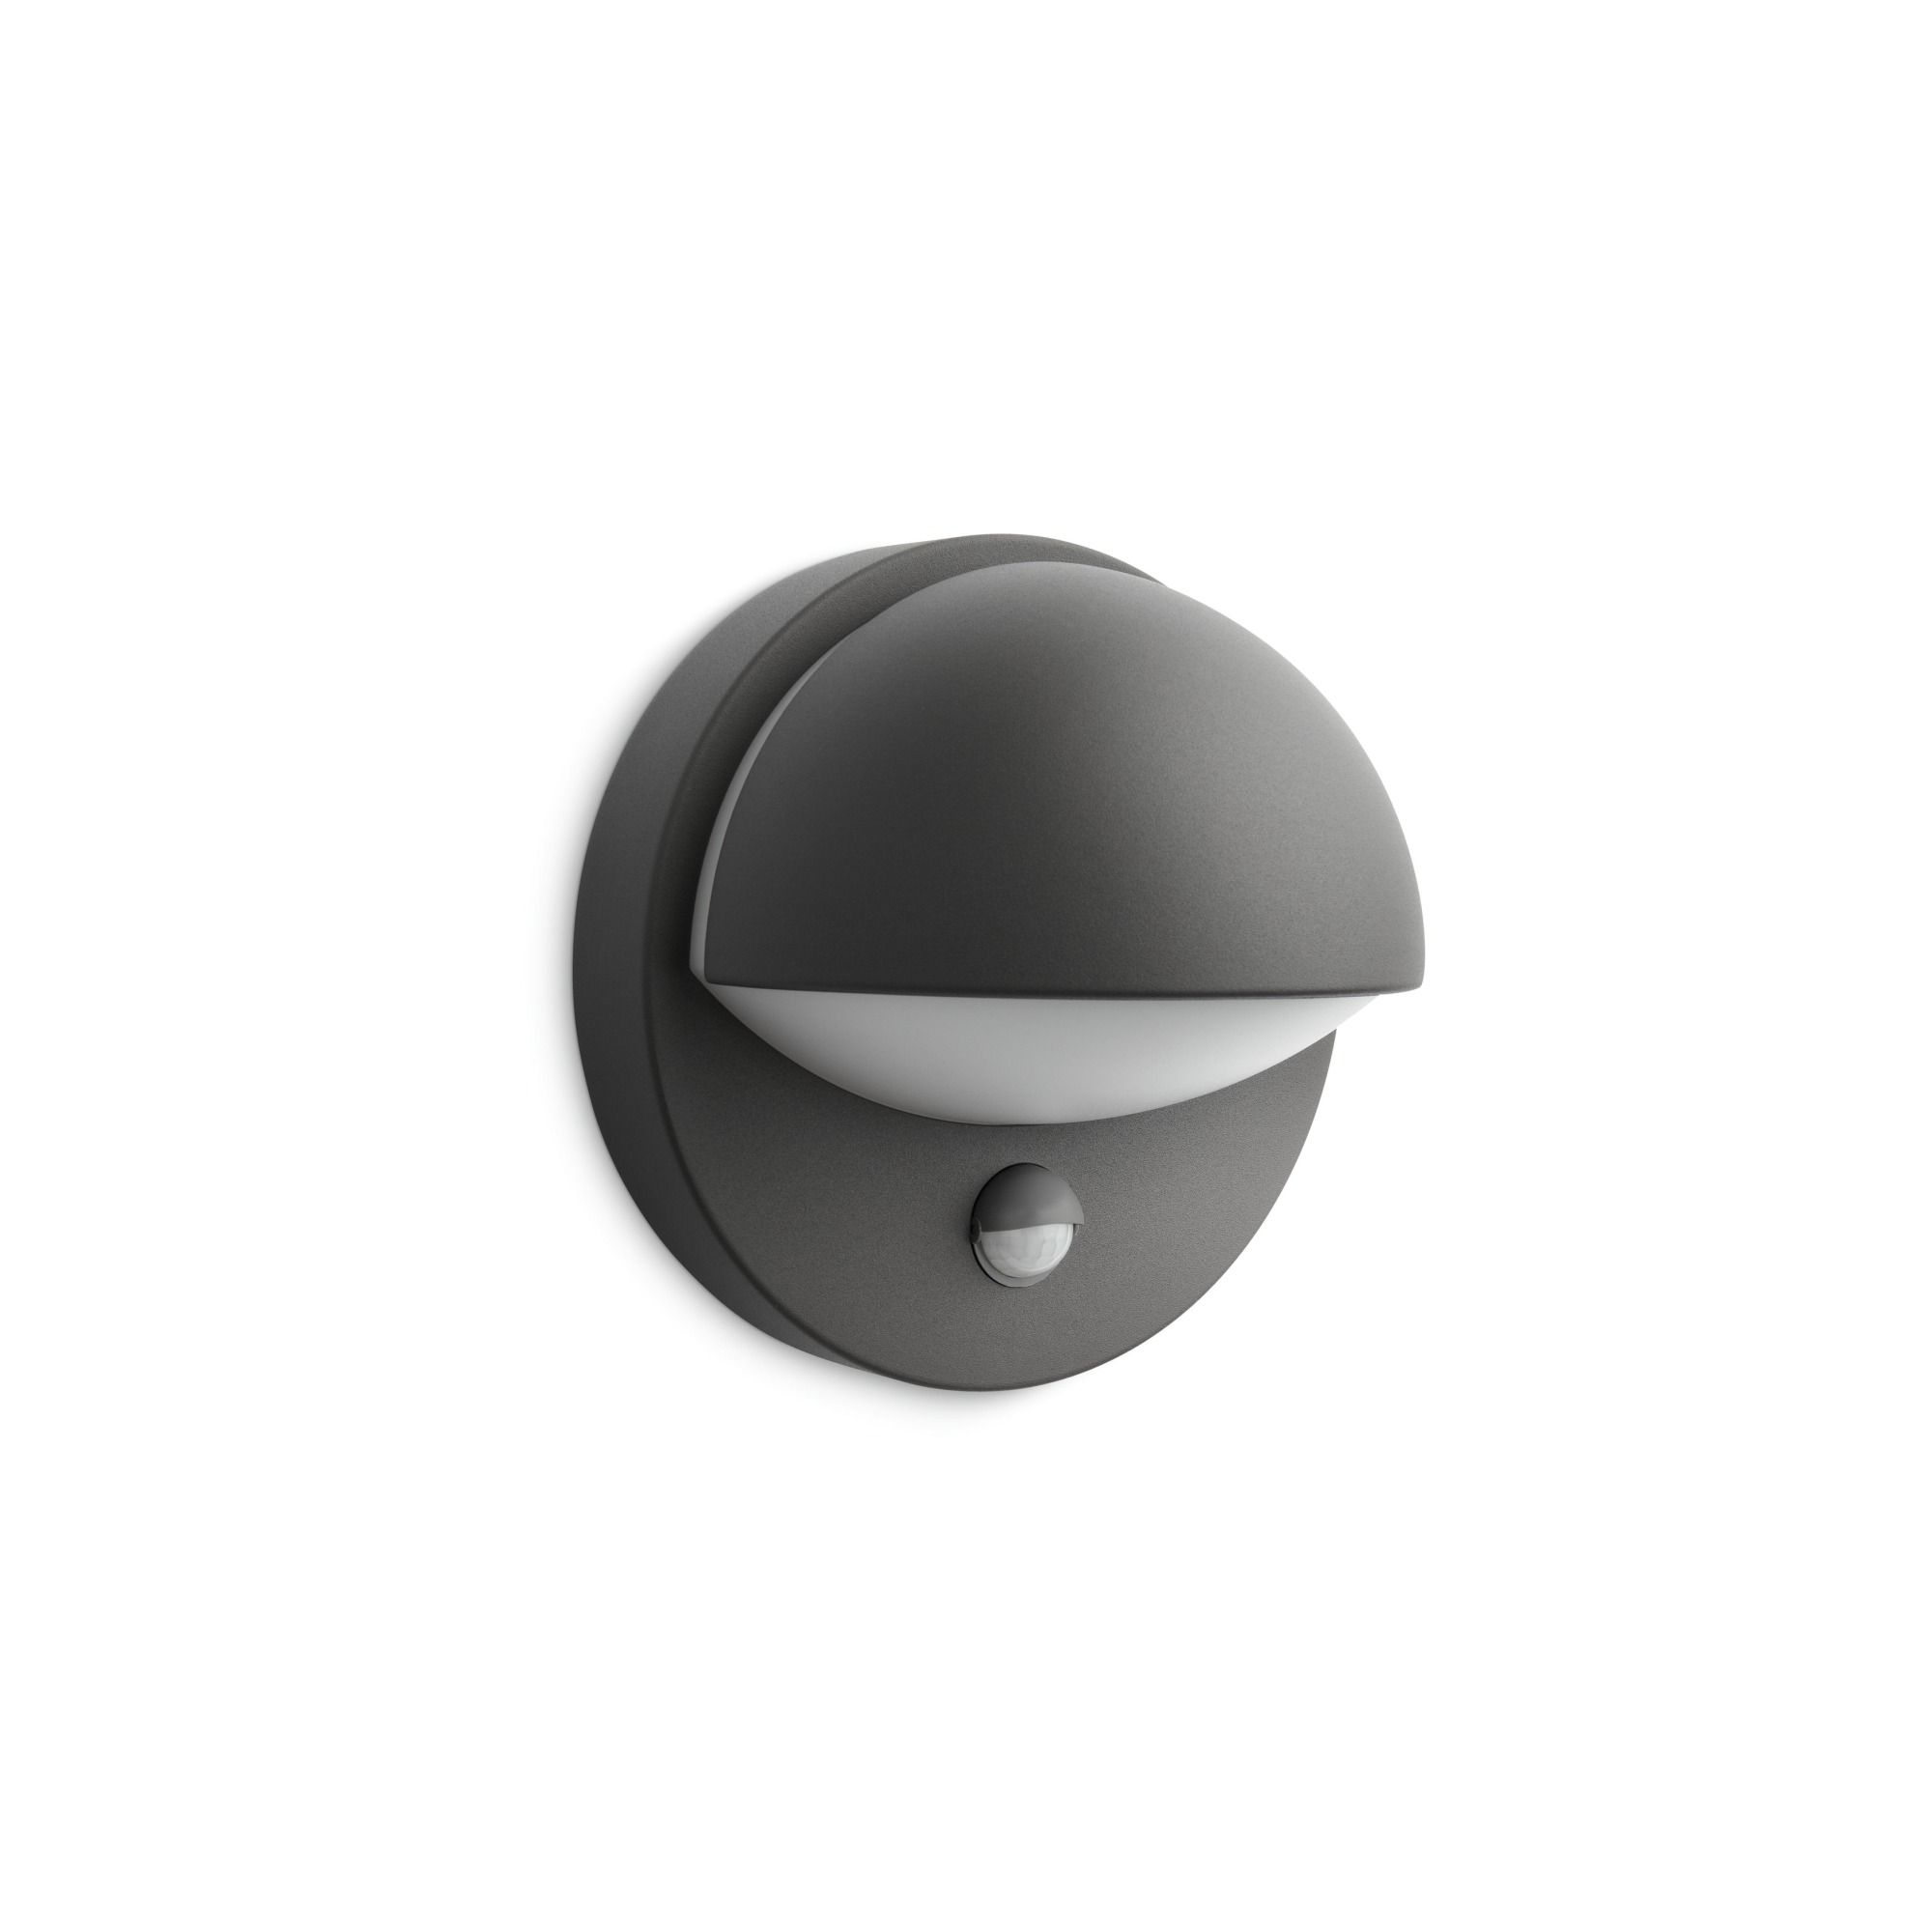 Buitenlamp Met Sensor Gamma.Philips Wandlamp June Met Bewegingssensor In 2019 Products